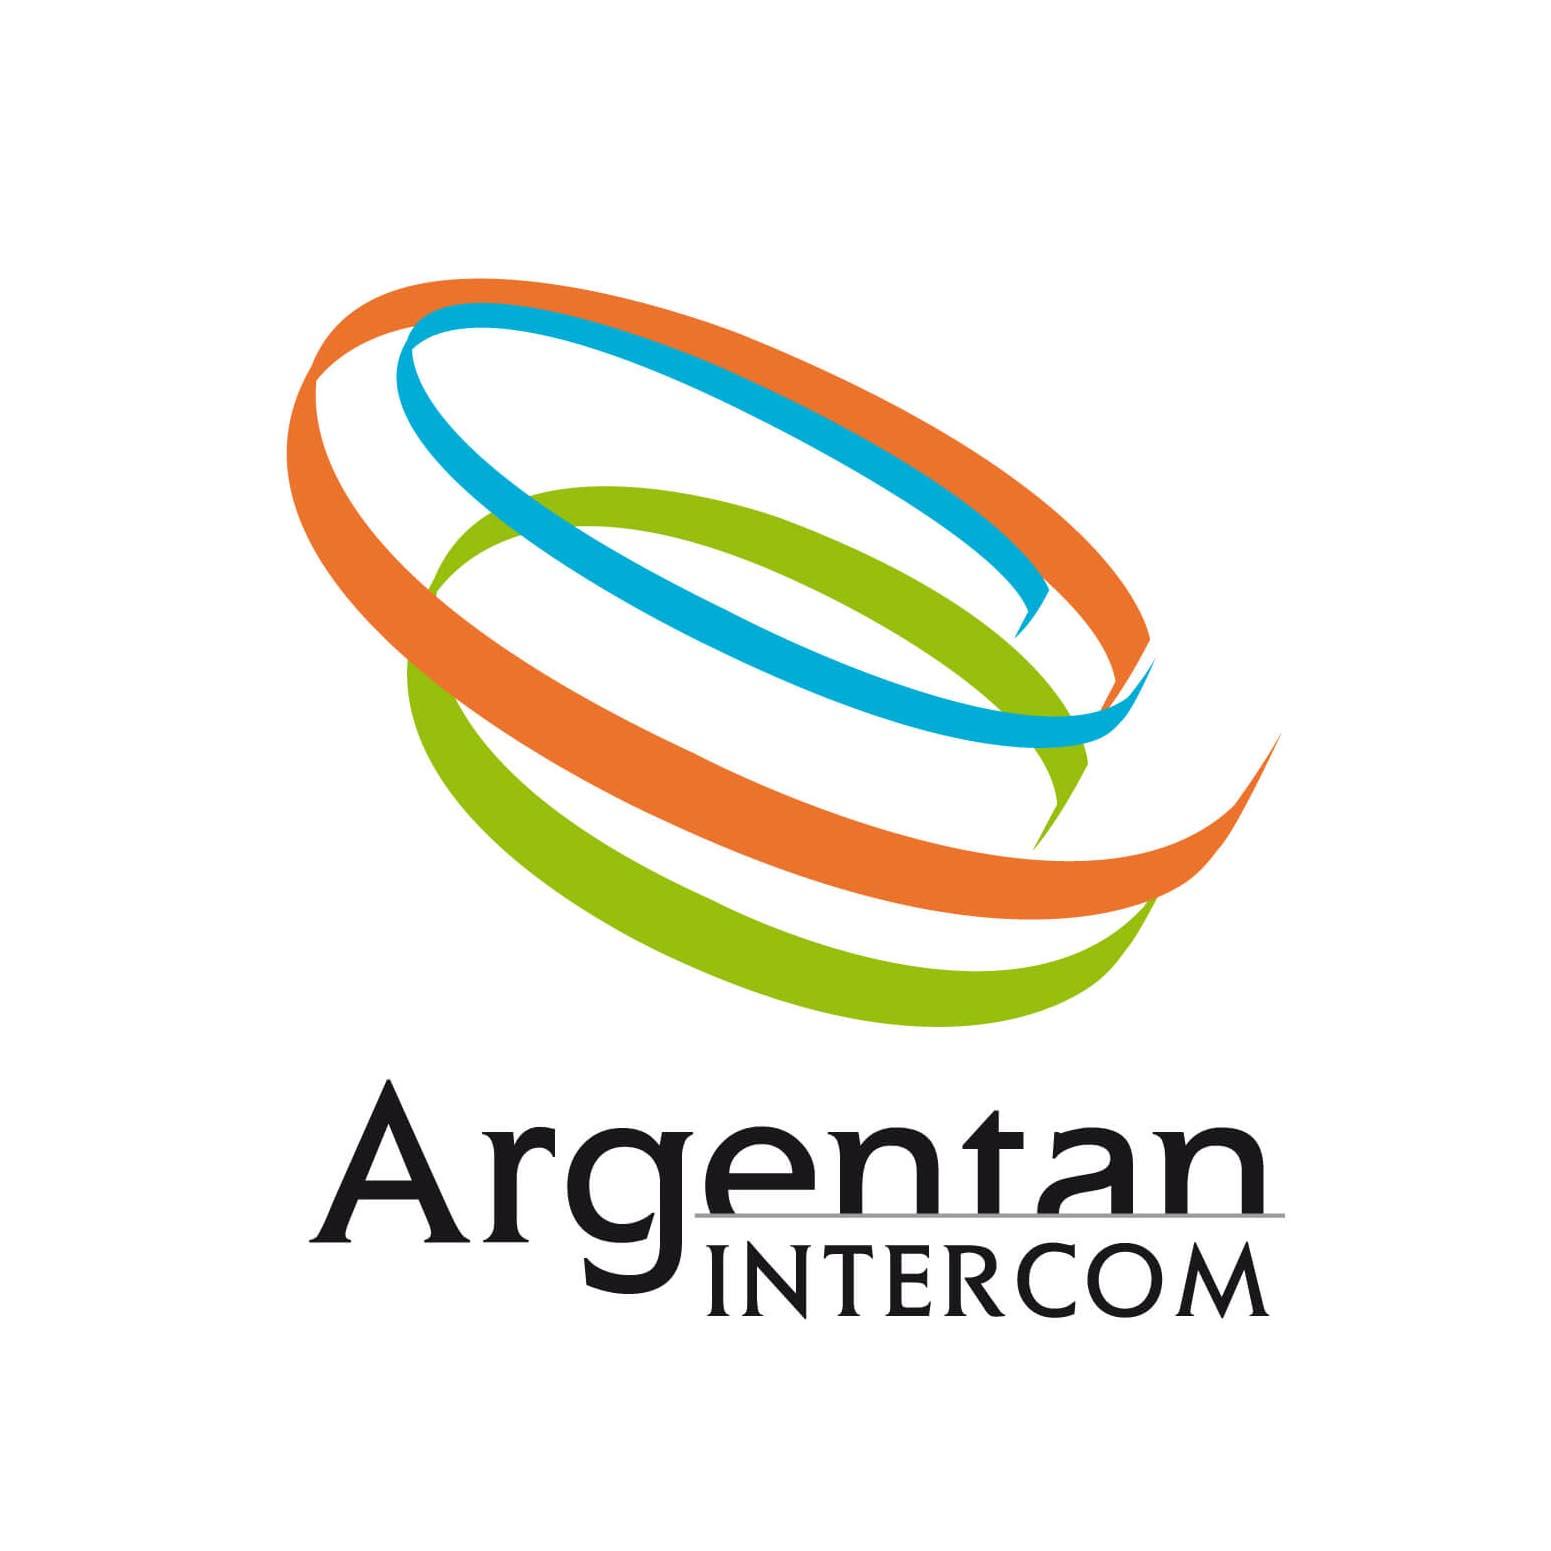 Argentan-Intercom